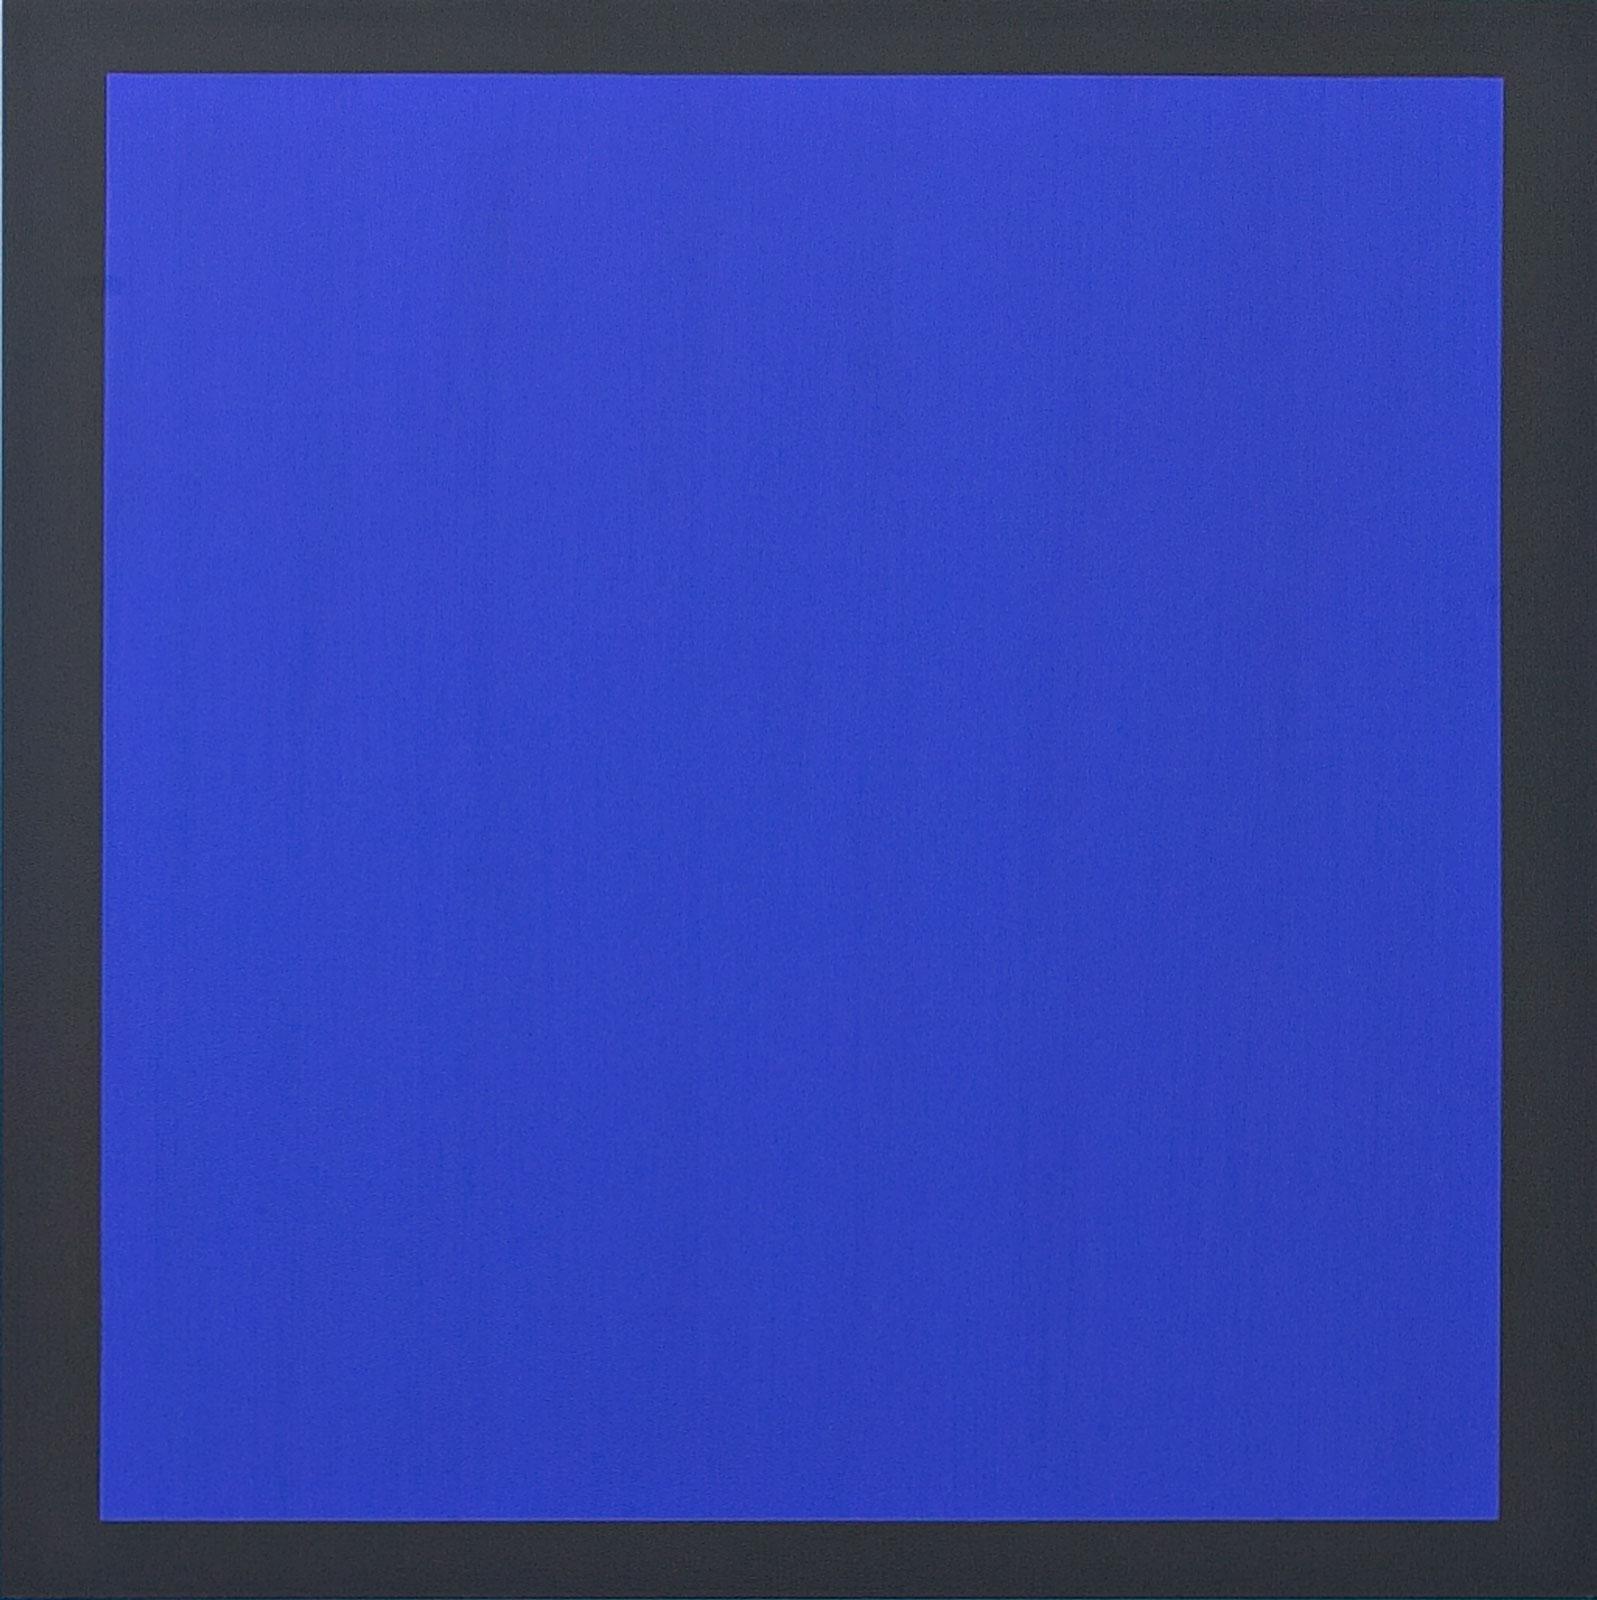 Untitled - blått på mørk grått, 2006, oil on canvas, 155 x 155 cm